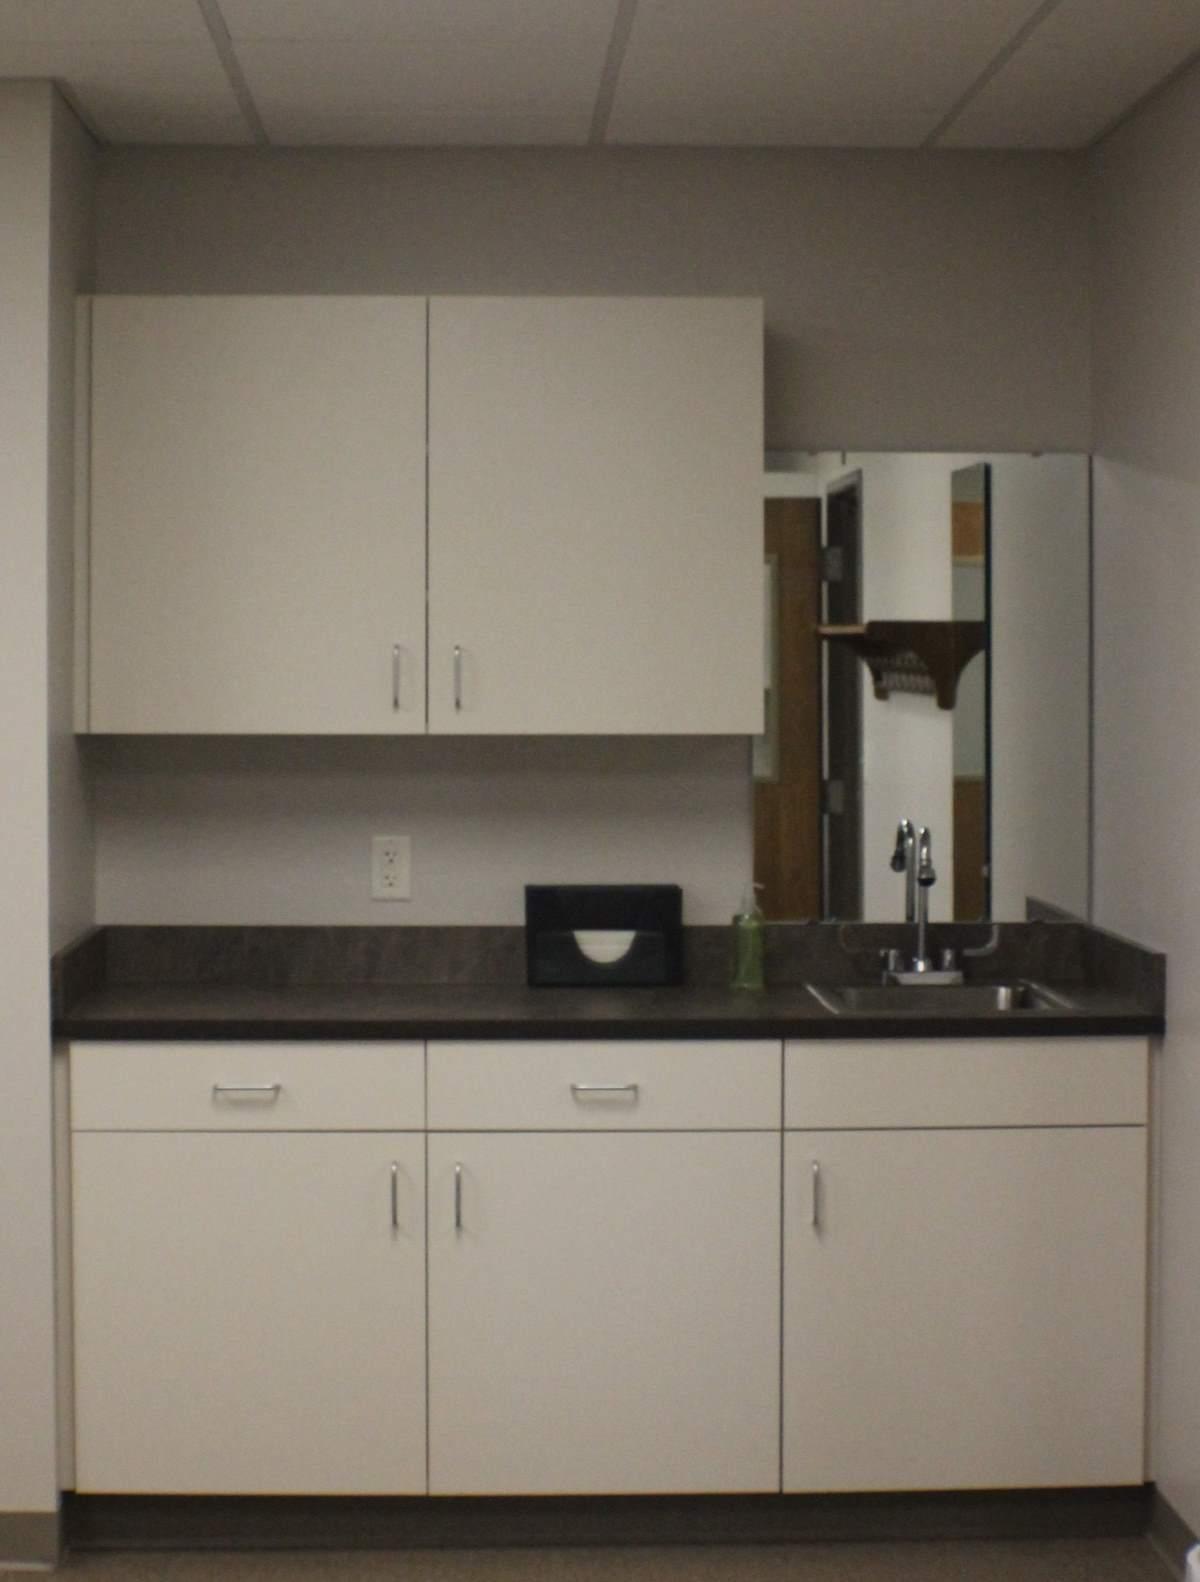 Keeping white kitchen white